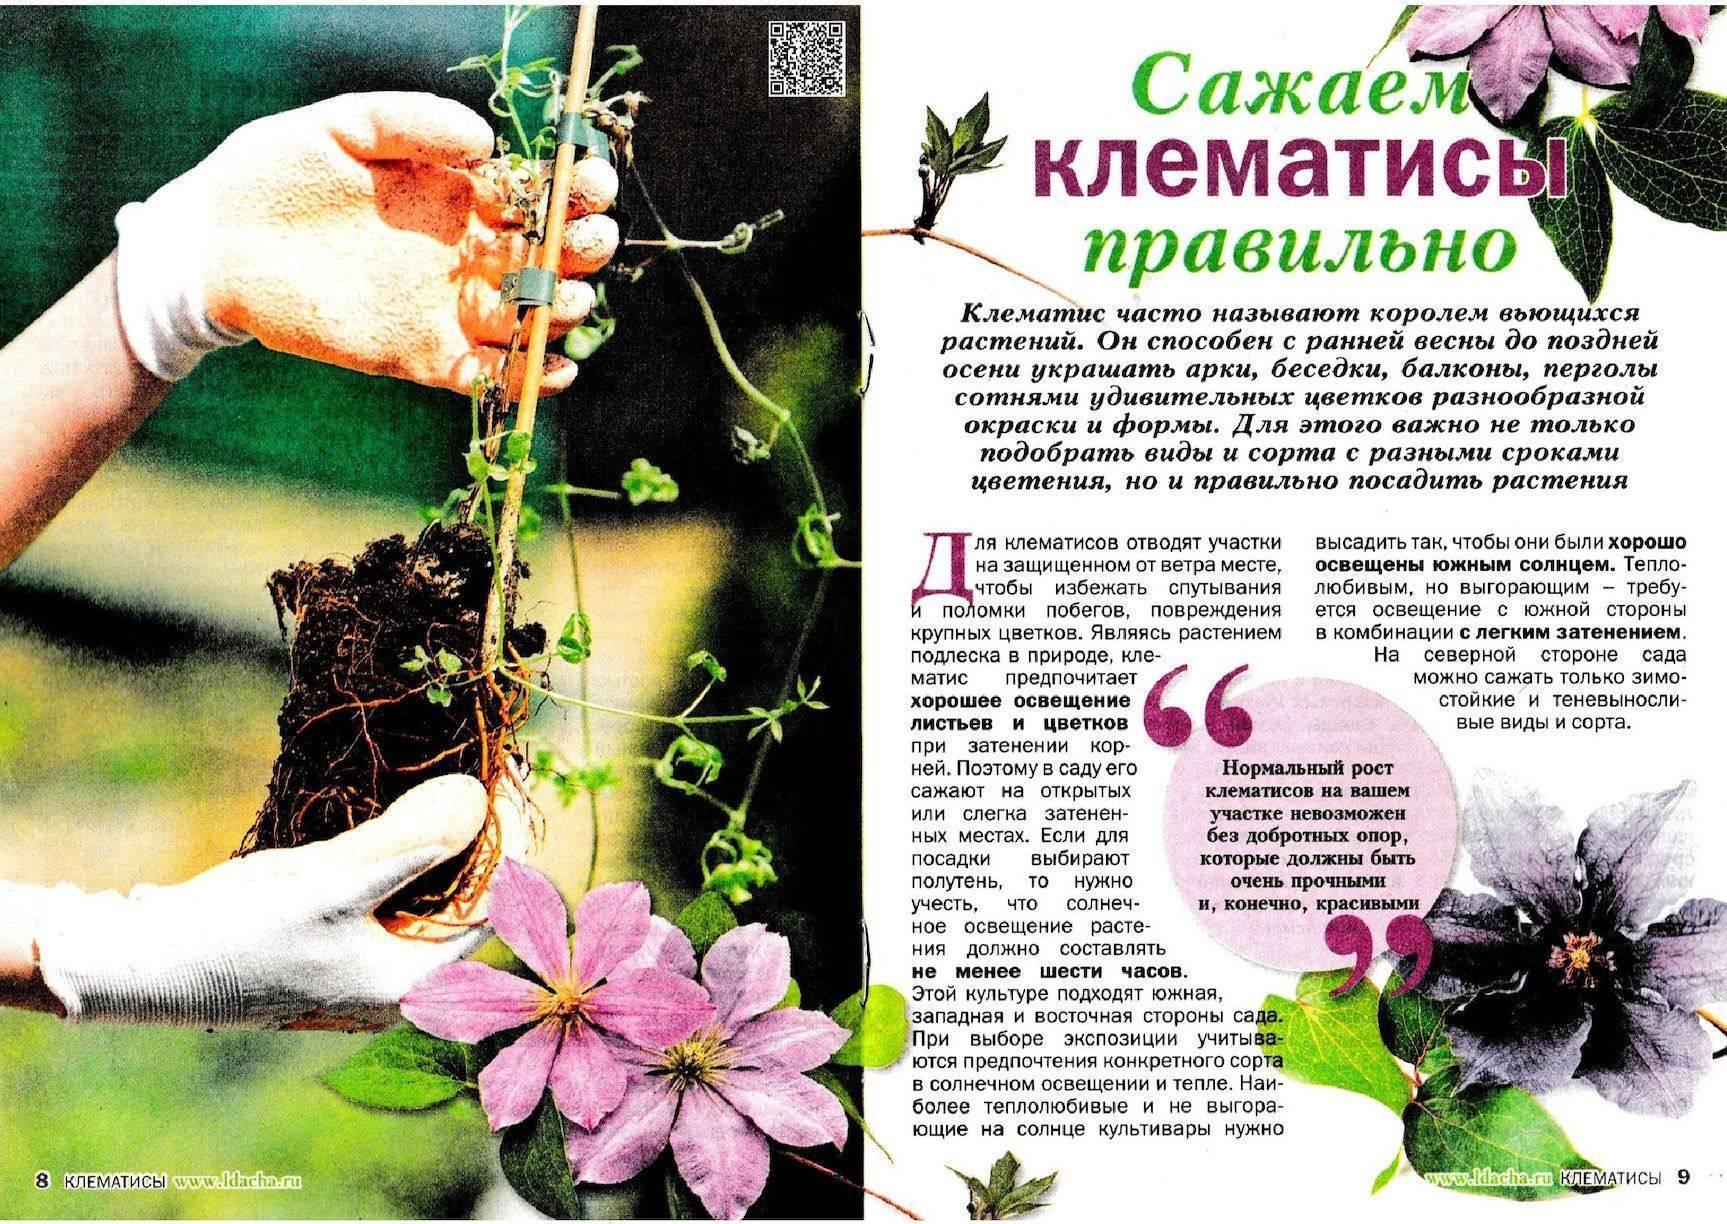 Размножение клематиса черенками, как посадить осенью в открытый грунт на урале и в подмосковье, фото и видео